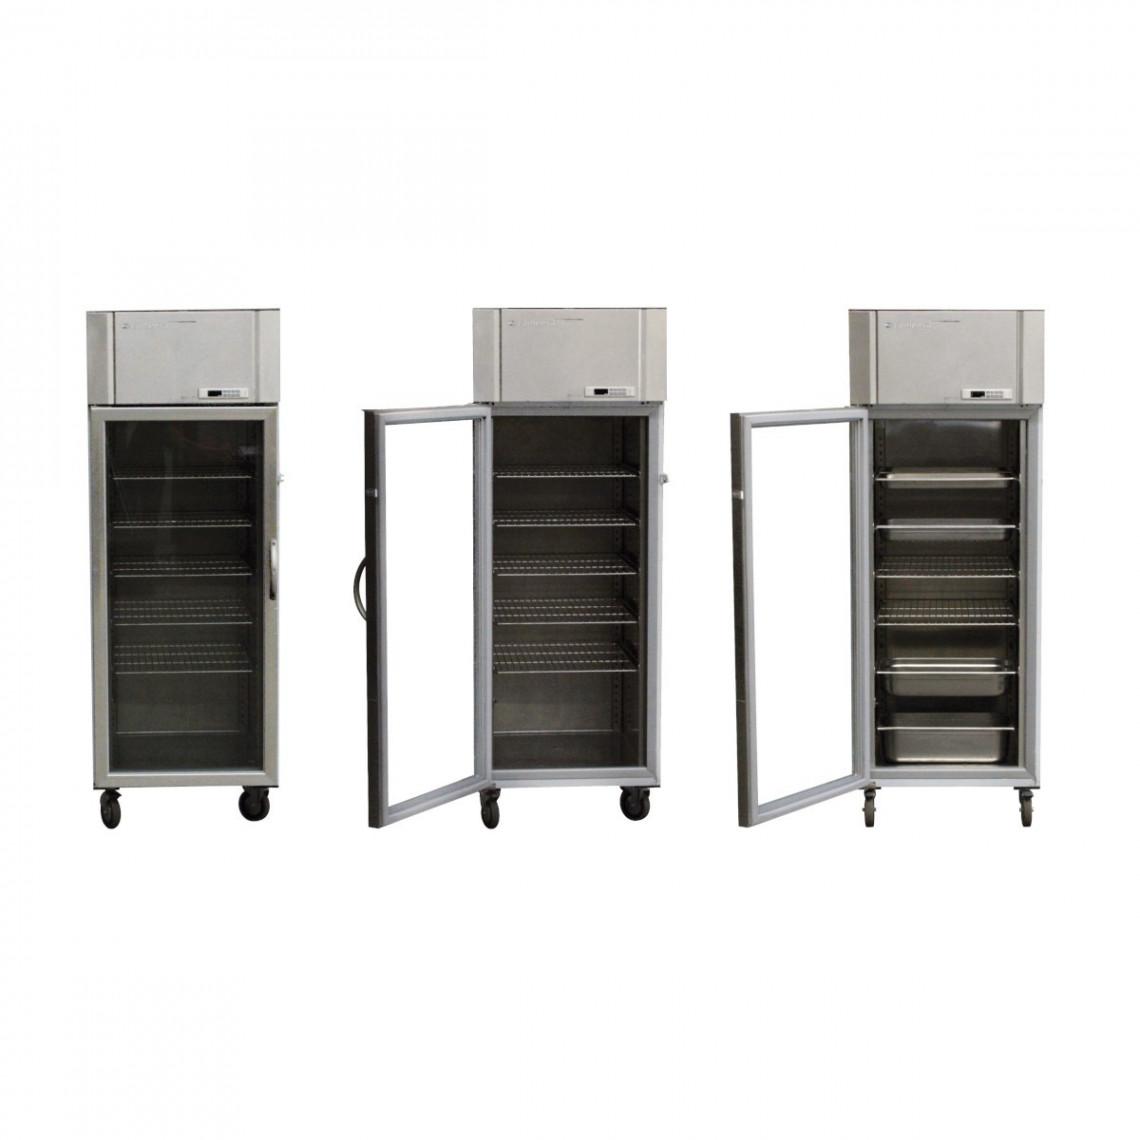 Réfrigérateur porte vitrée pour bac gastro (avec 5 grilles 65 x 52 cm)